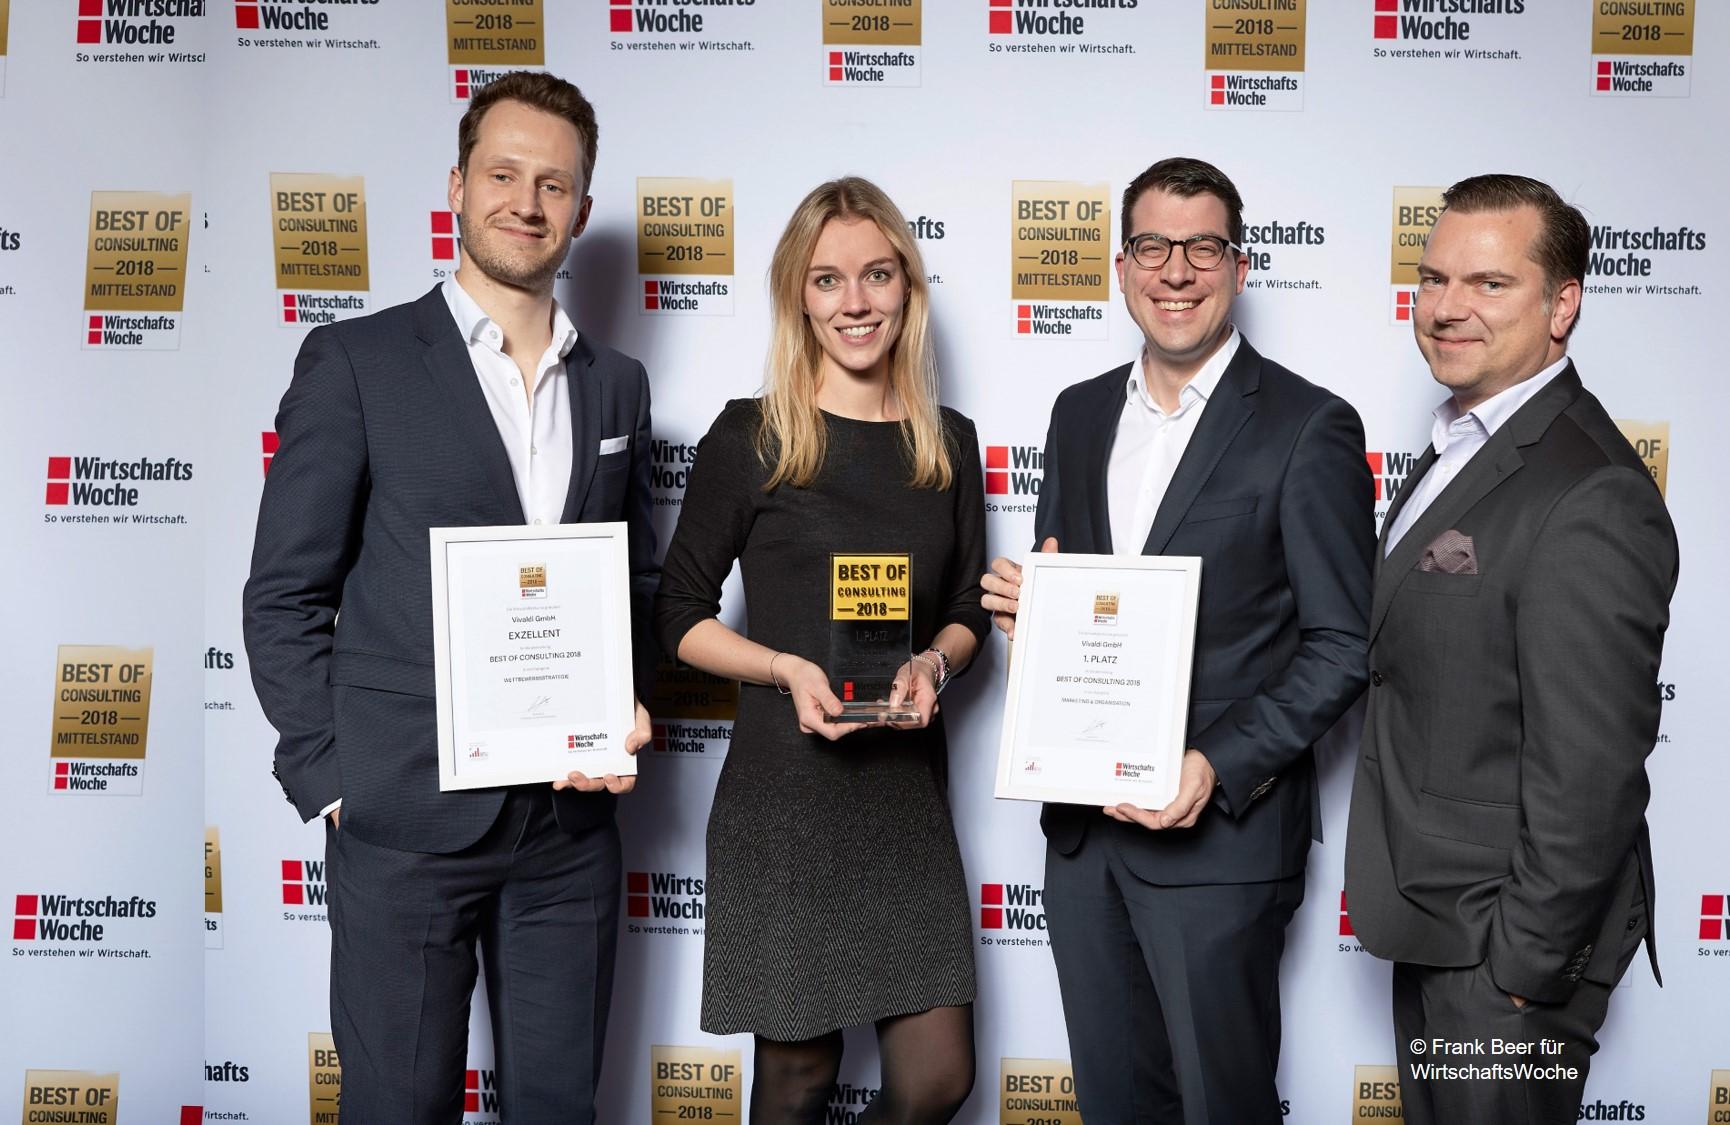 Best of Consulting 2018 - Zweifache Auszeichnung der WirtschaftsWoche für Vivaldi